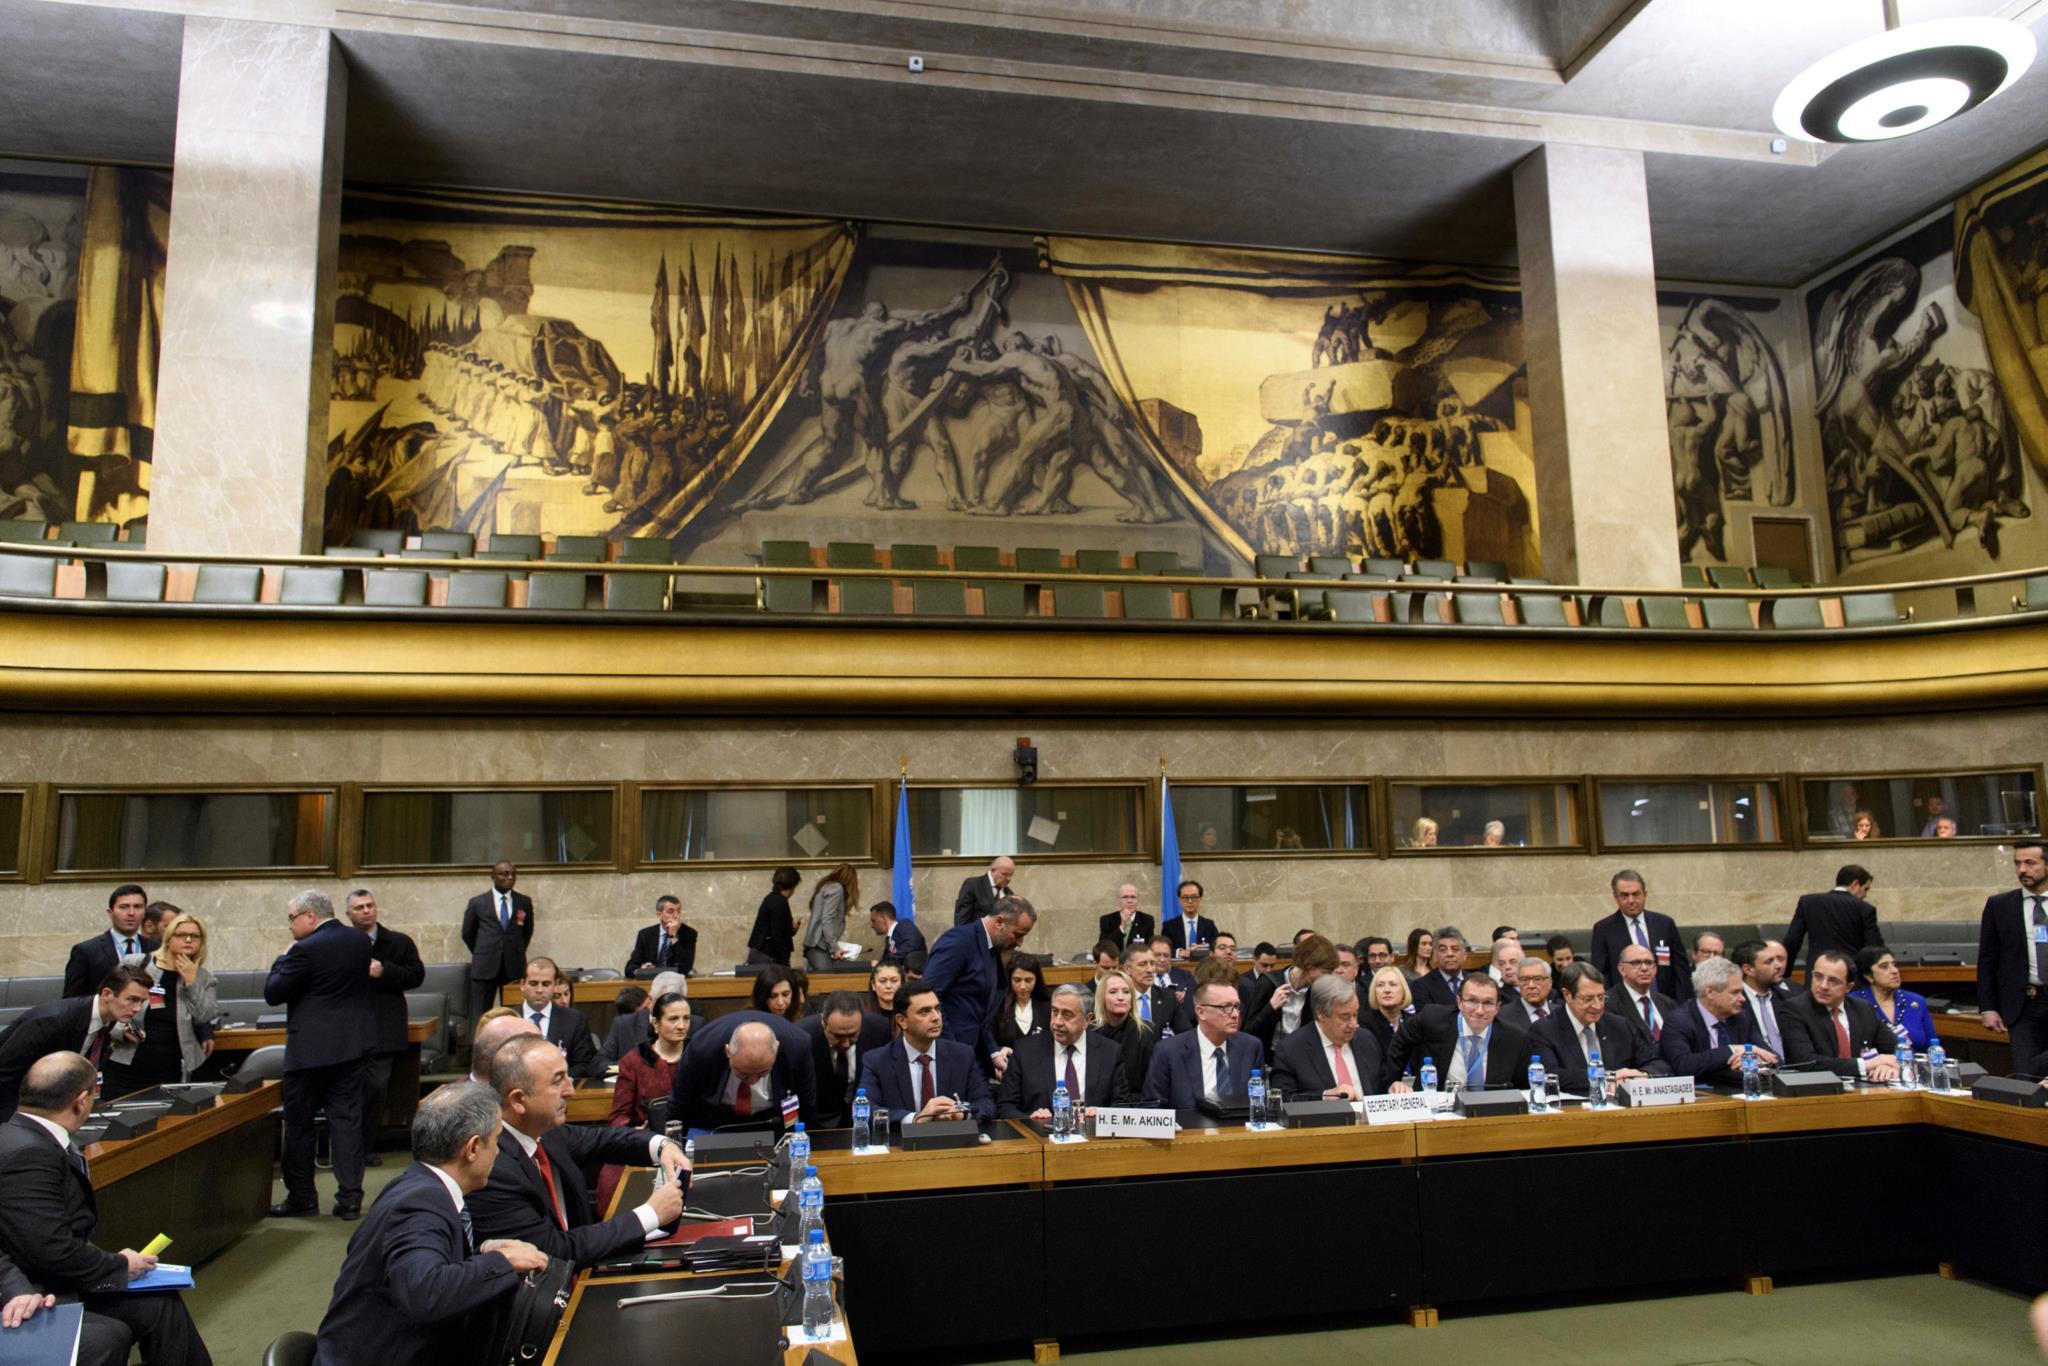 """Guterresacredita que cipriotas gregos e turcos farão um """"último esforço"""" para chegar a acordo"""